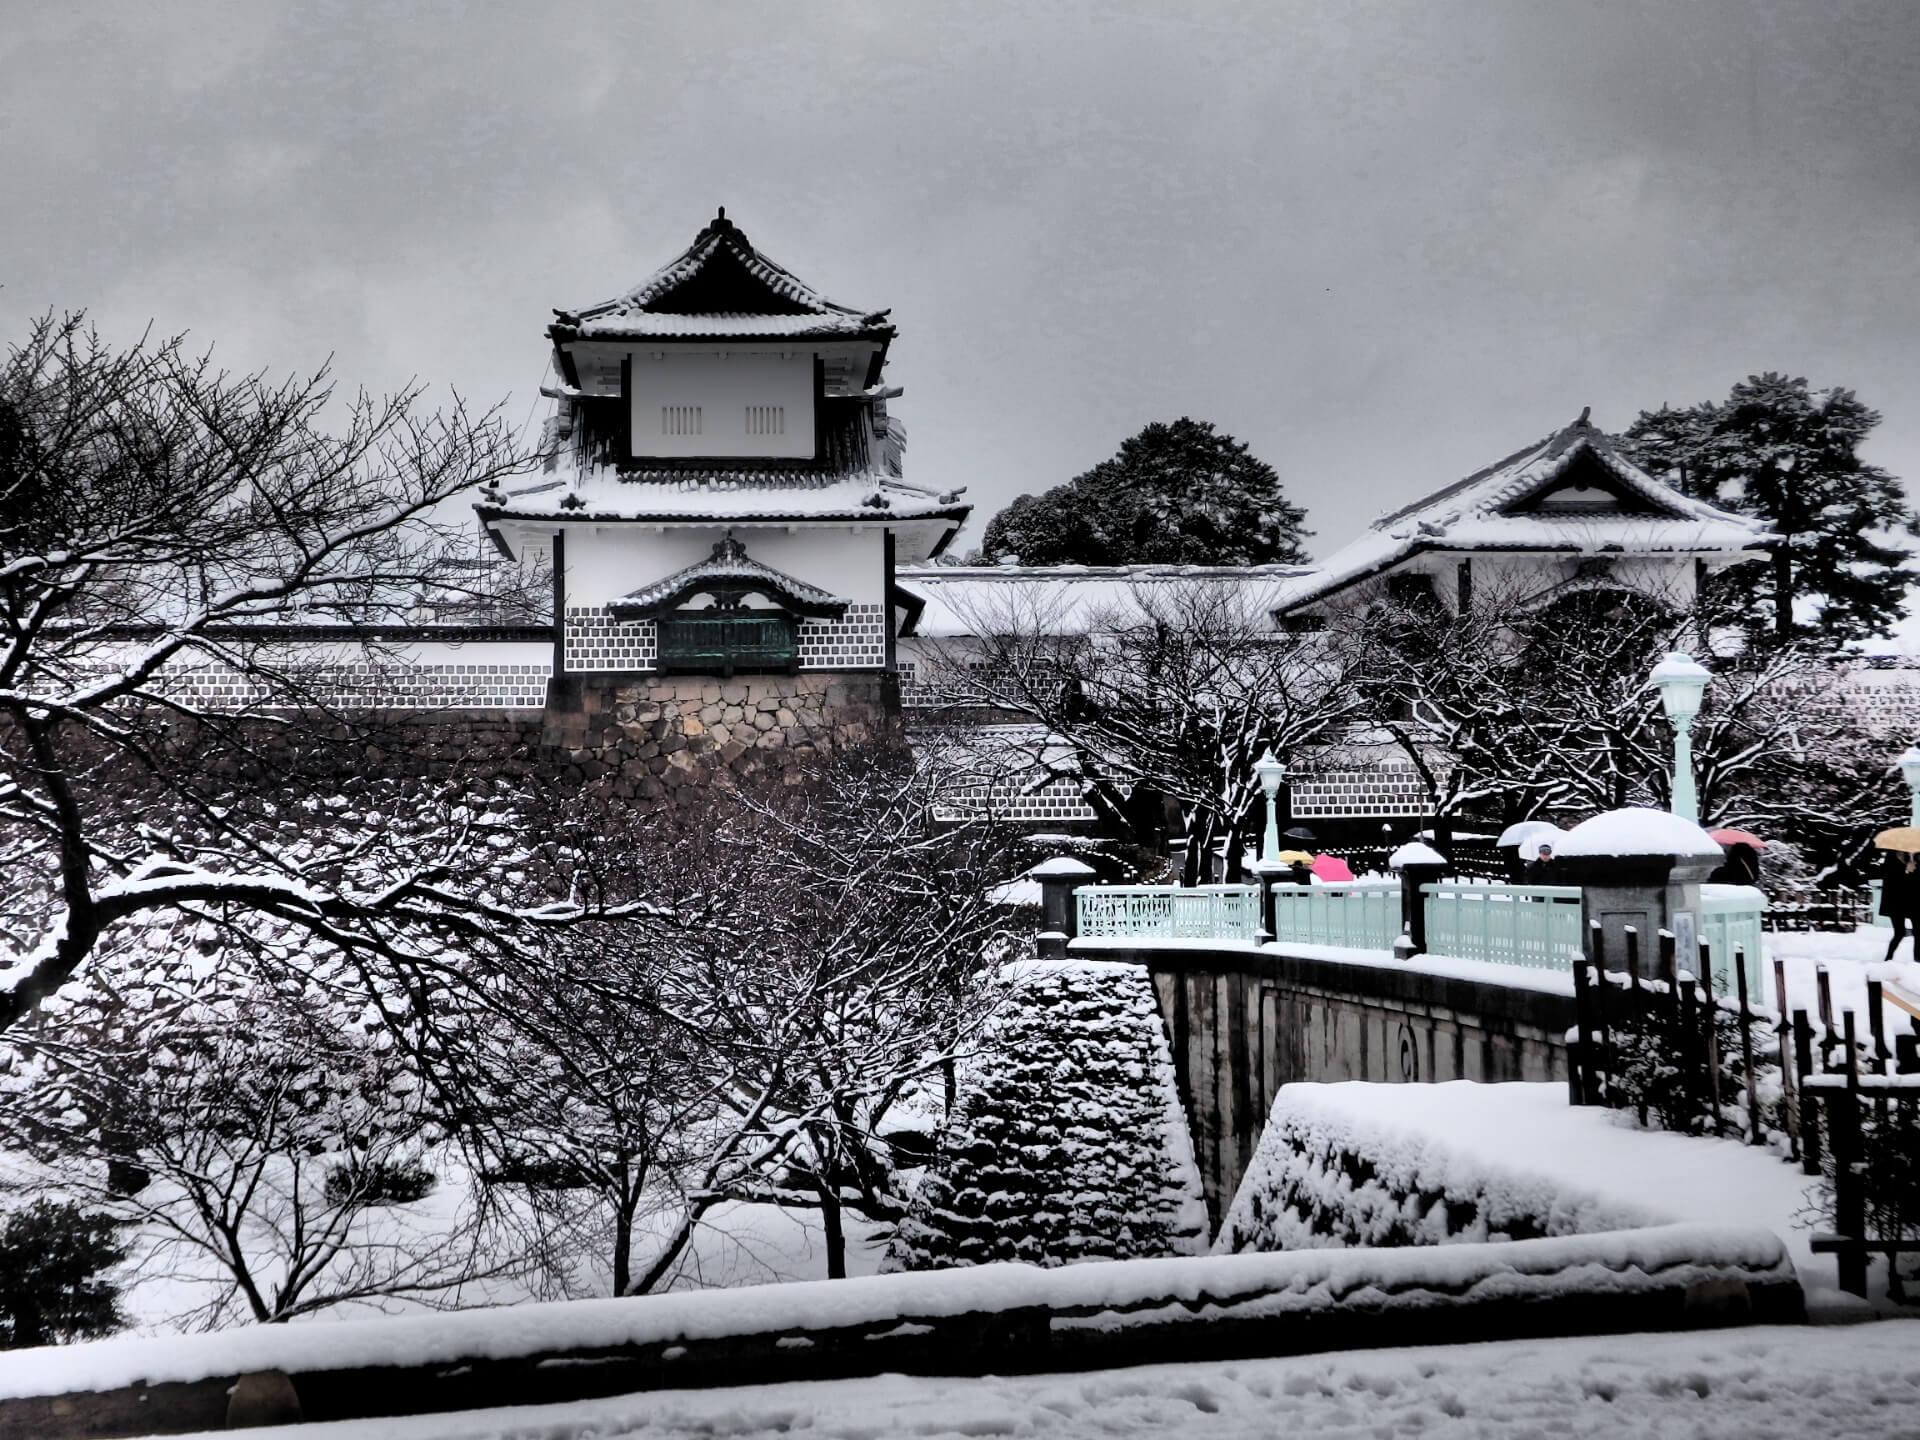 金沢城は何位 !? 『お城ファンが実際に訪れた日本のお城ランキングTOP300(2017年版)』発表!!